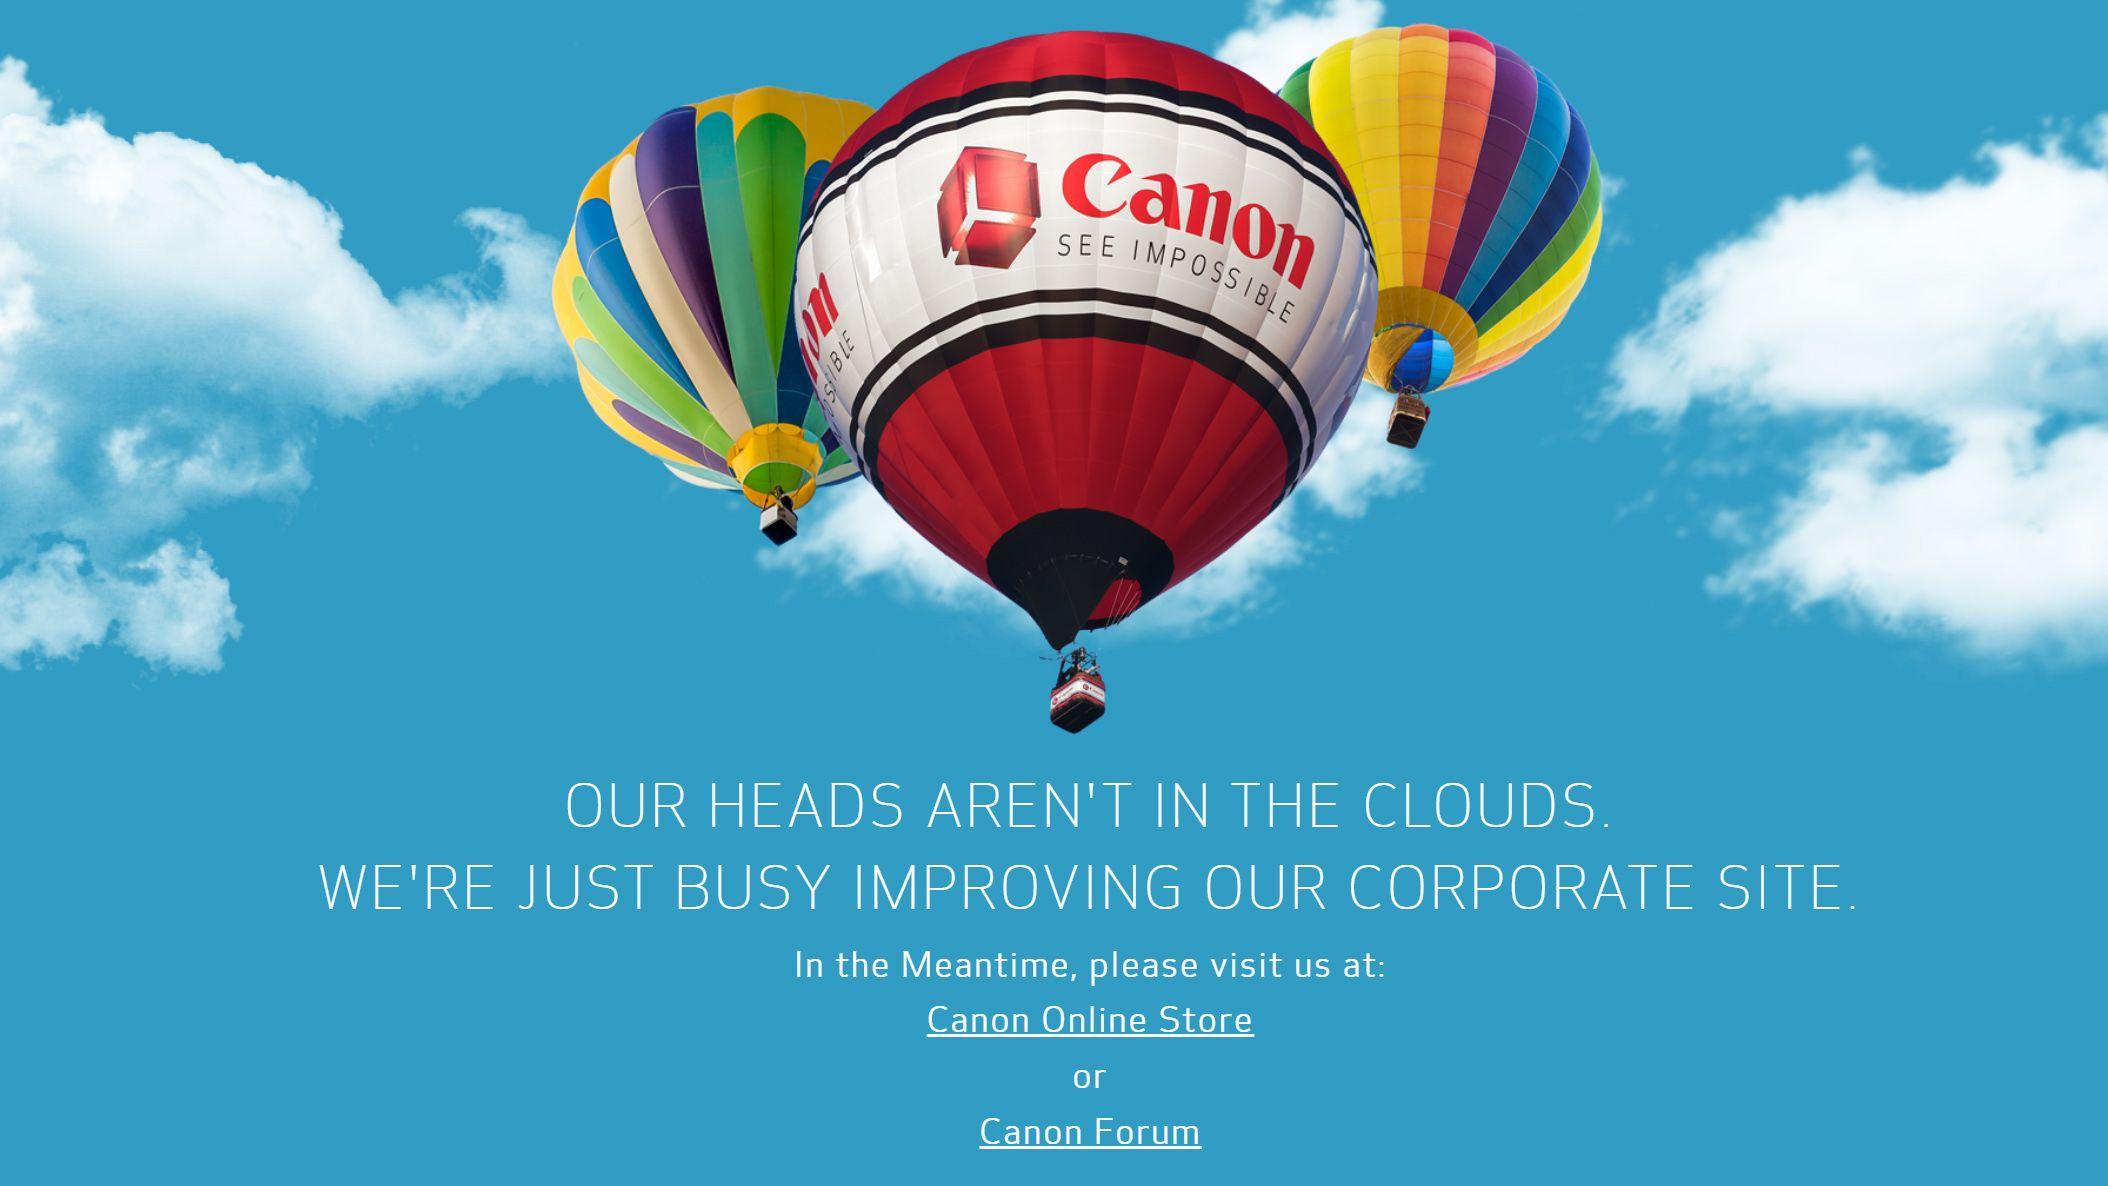 Også Canon skal ha blitt angrepet av løsepengevirus